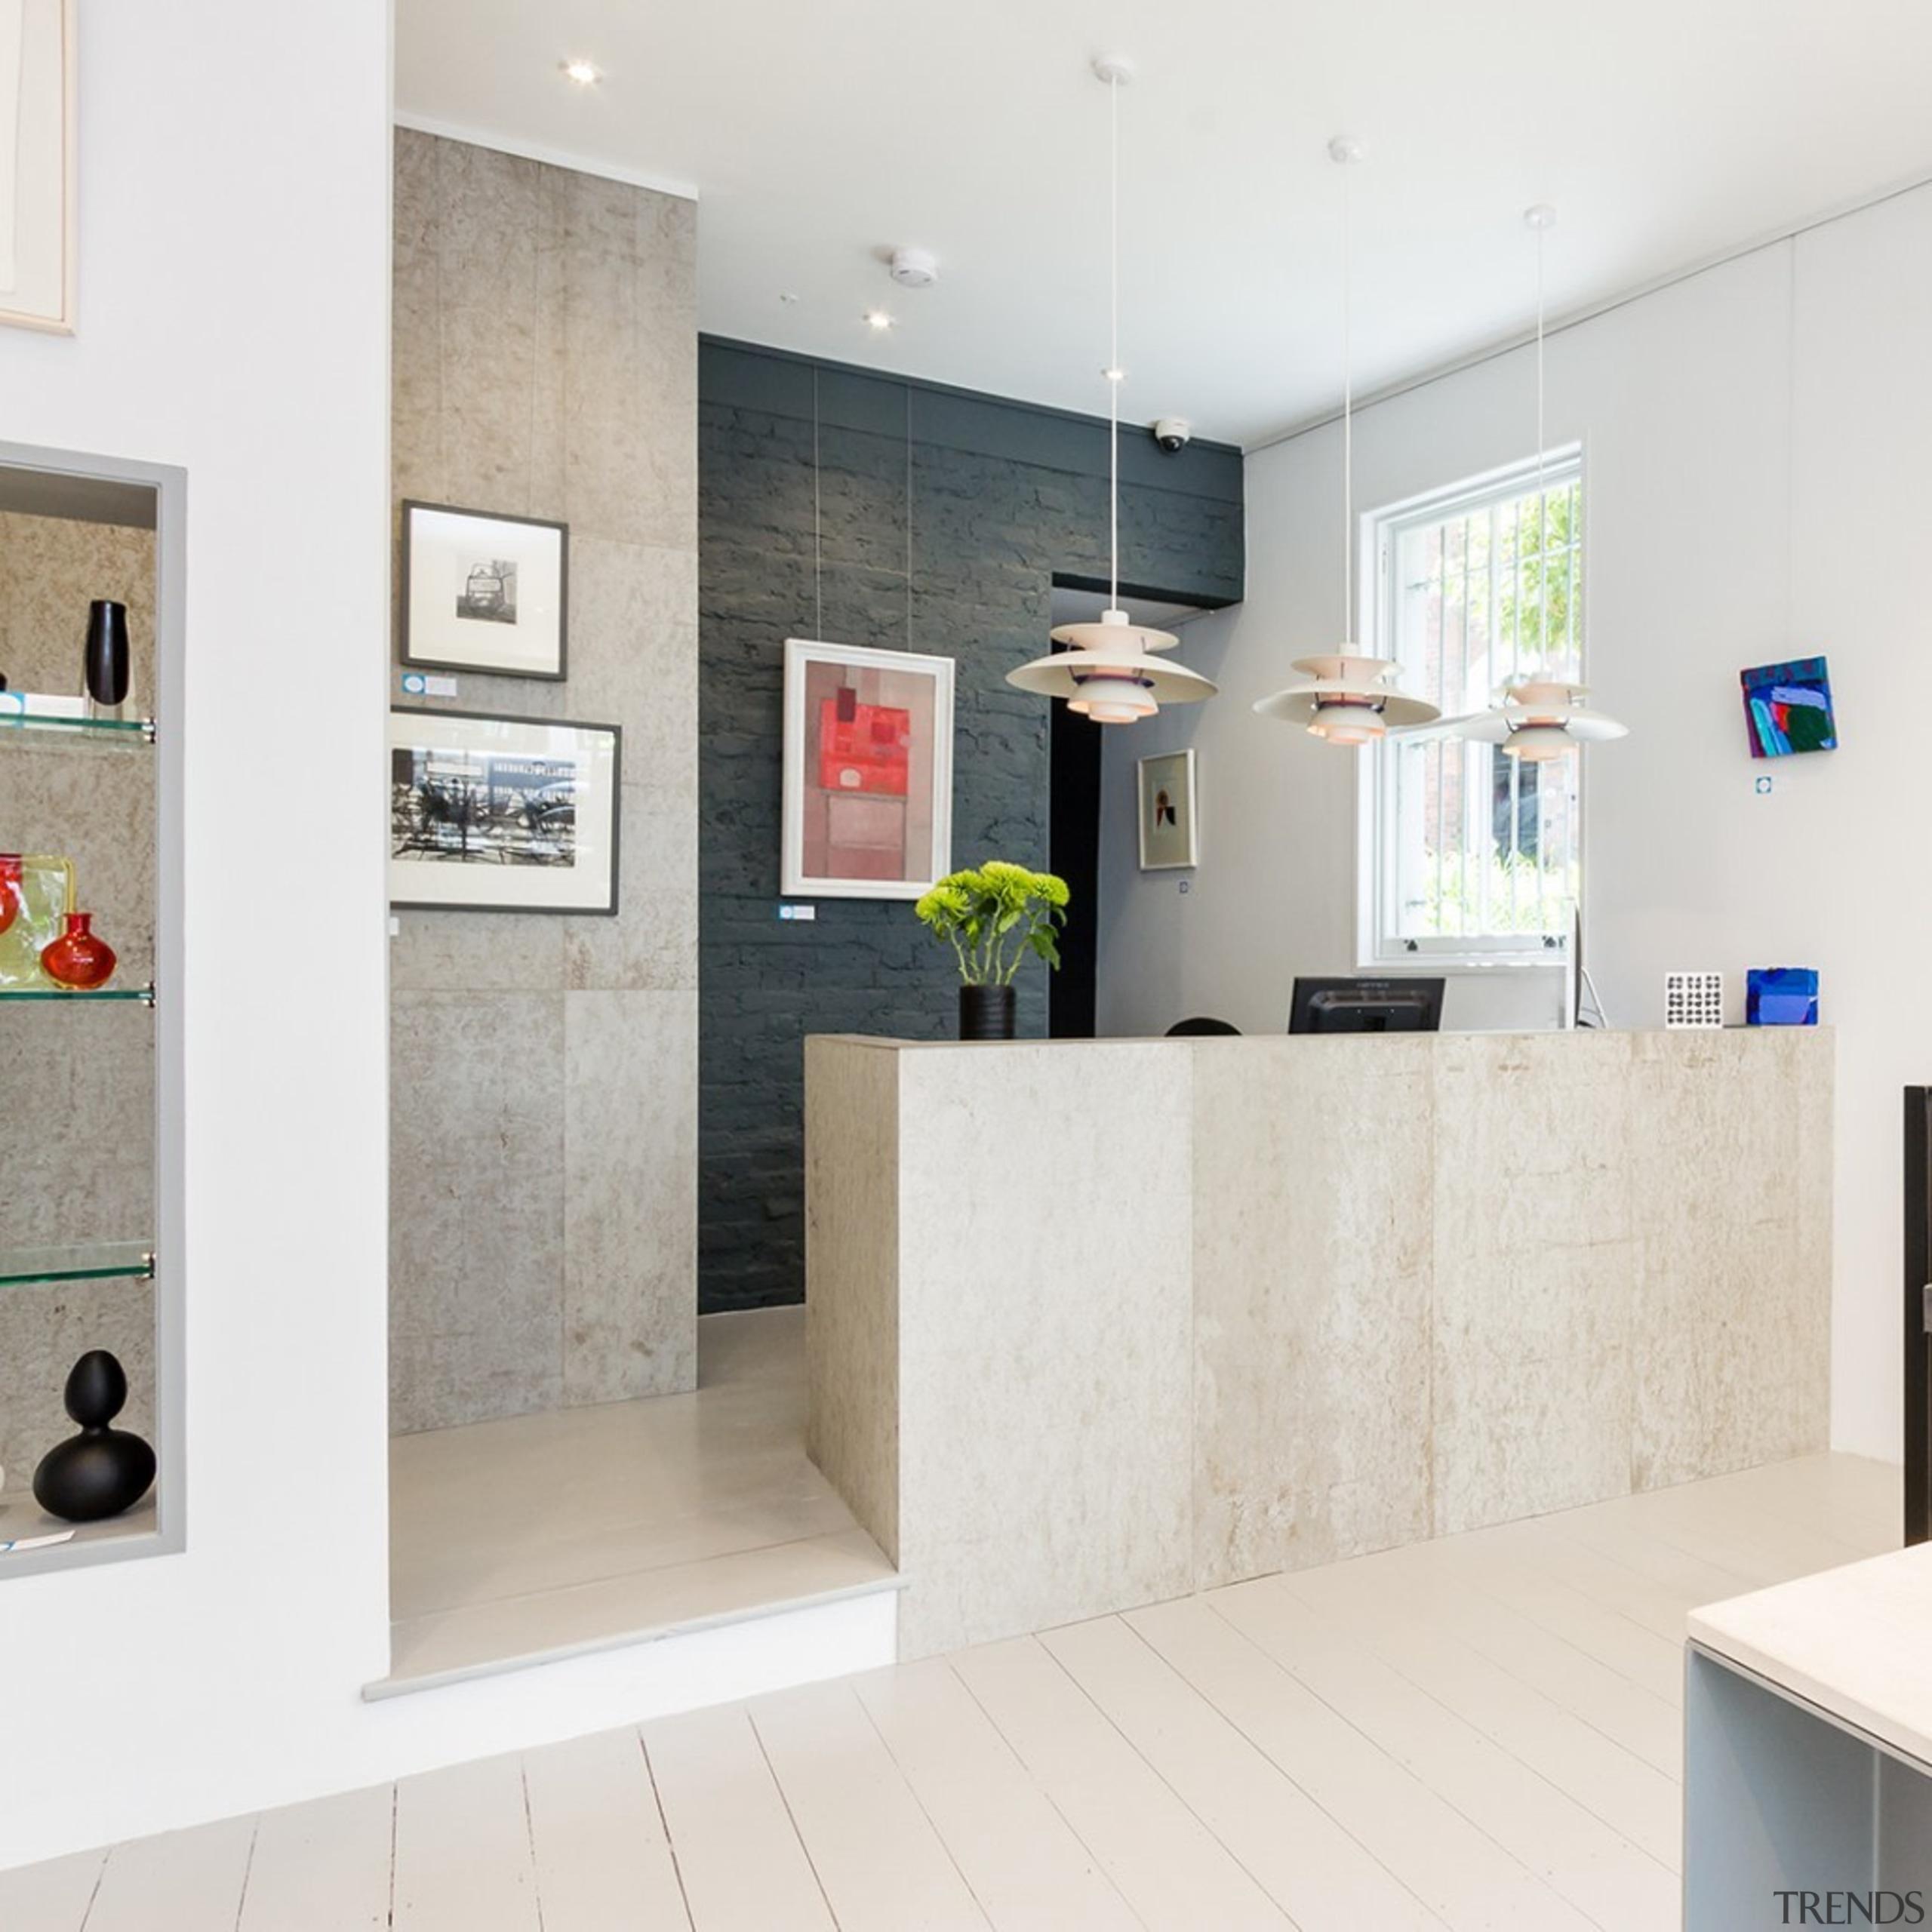 Concreate CF103 8 - Concreate_CF103_8 - floor | floor, flooring, interior design, room, tile, white